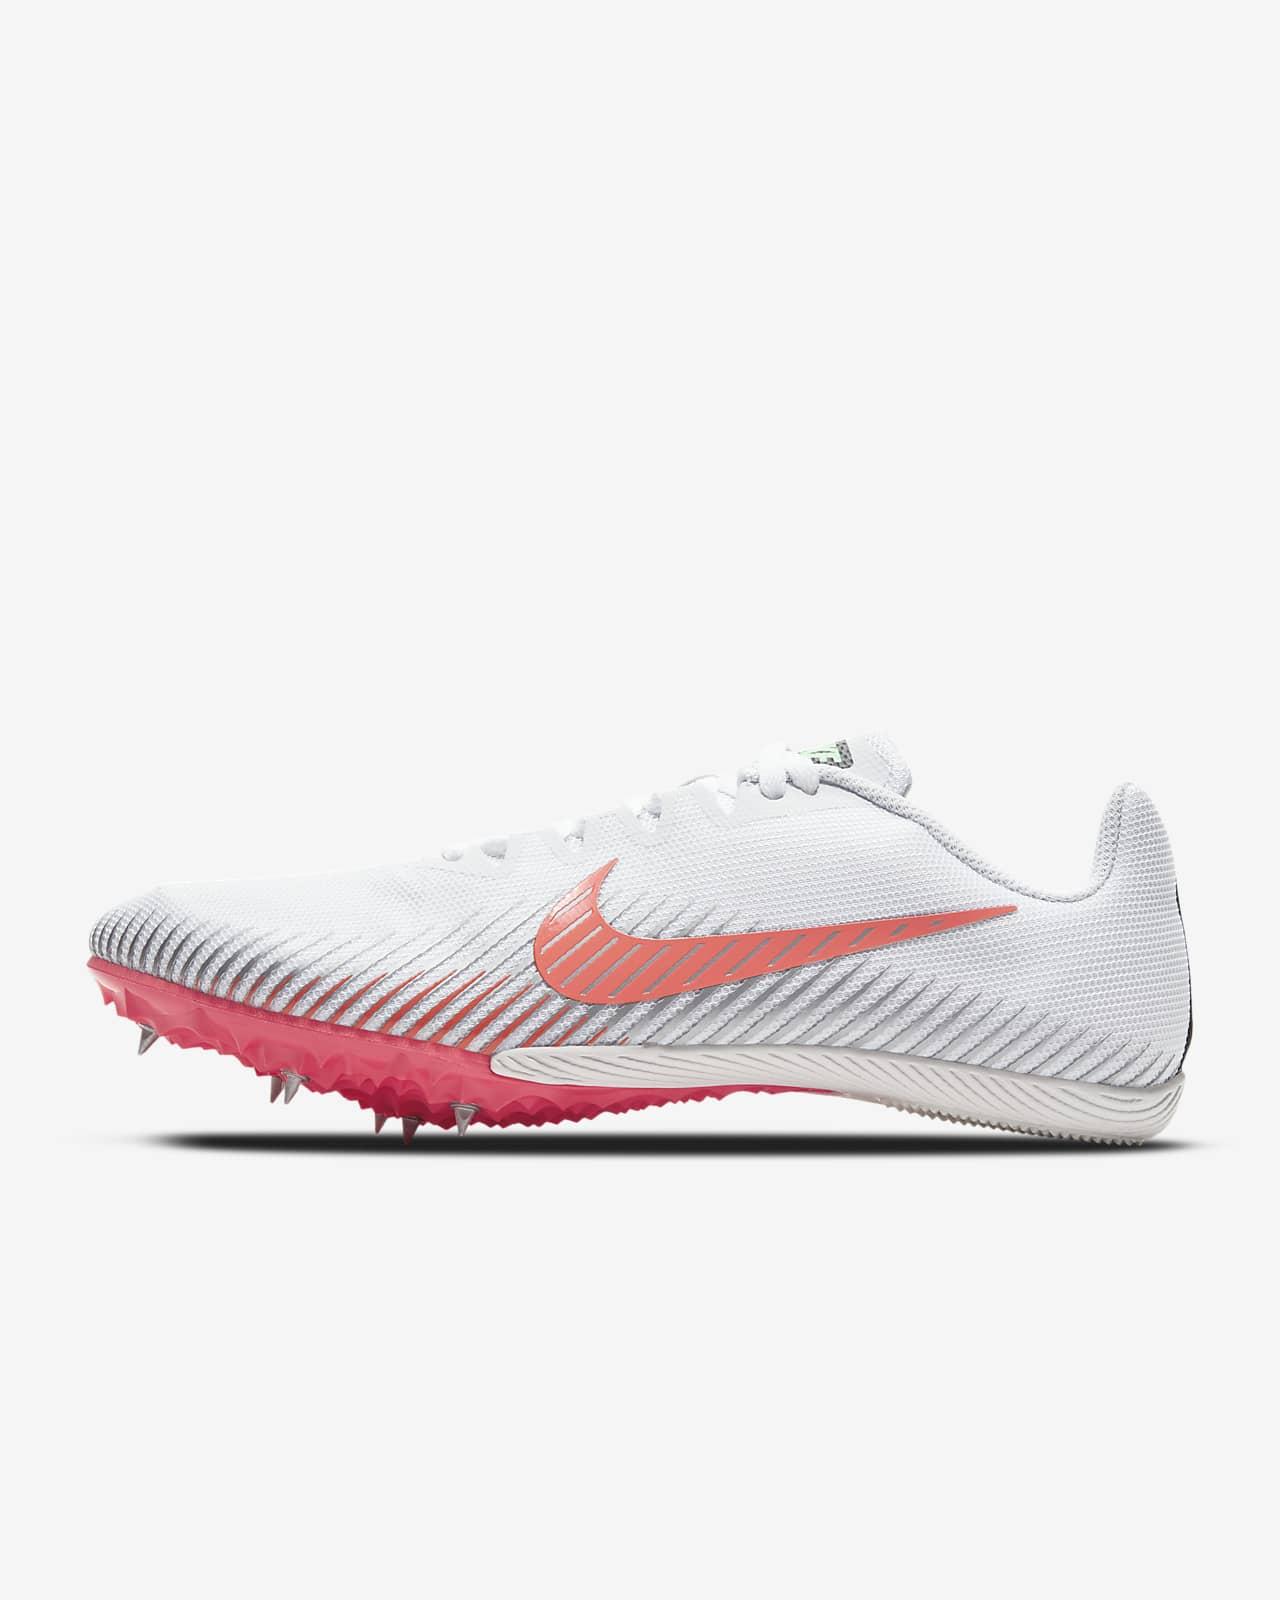 Calzado de clavos para eventos múltiples de pista y campo Nike Zoom Rival M 9